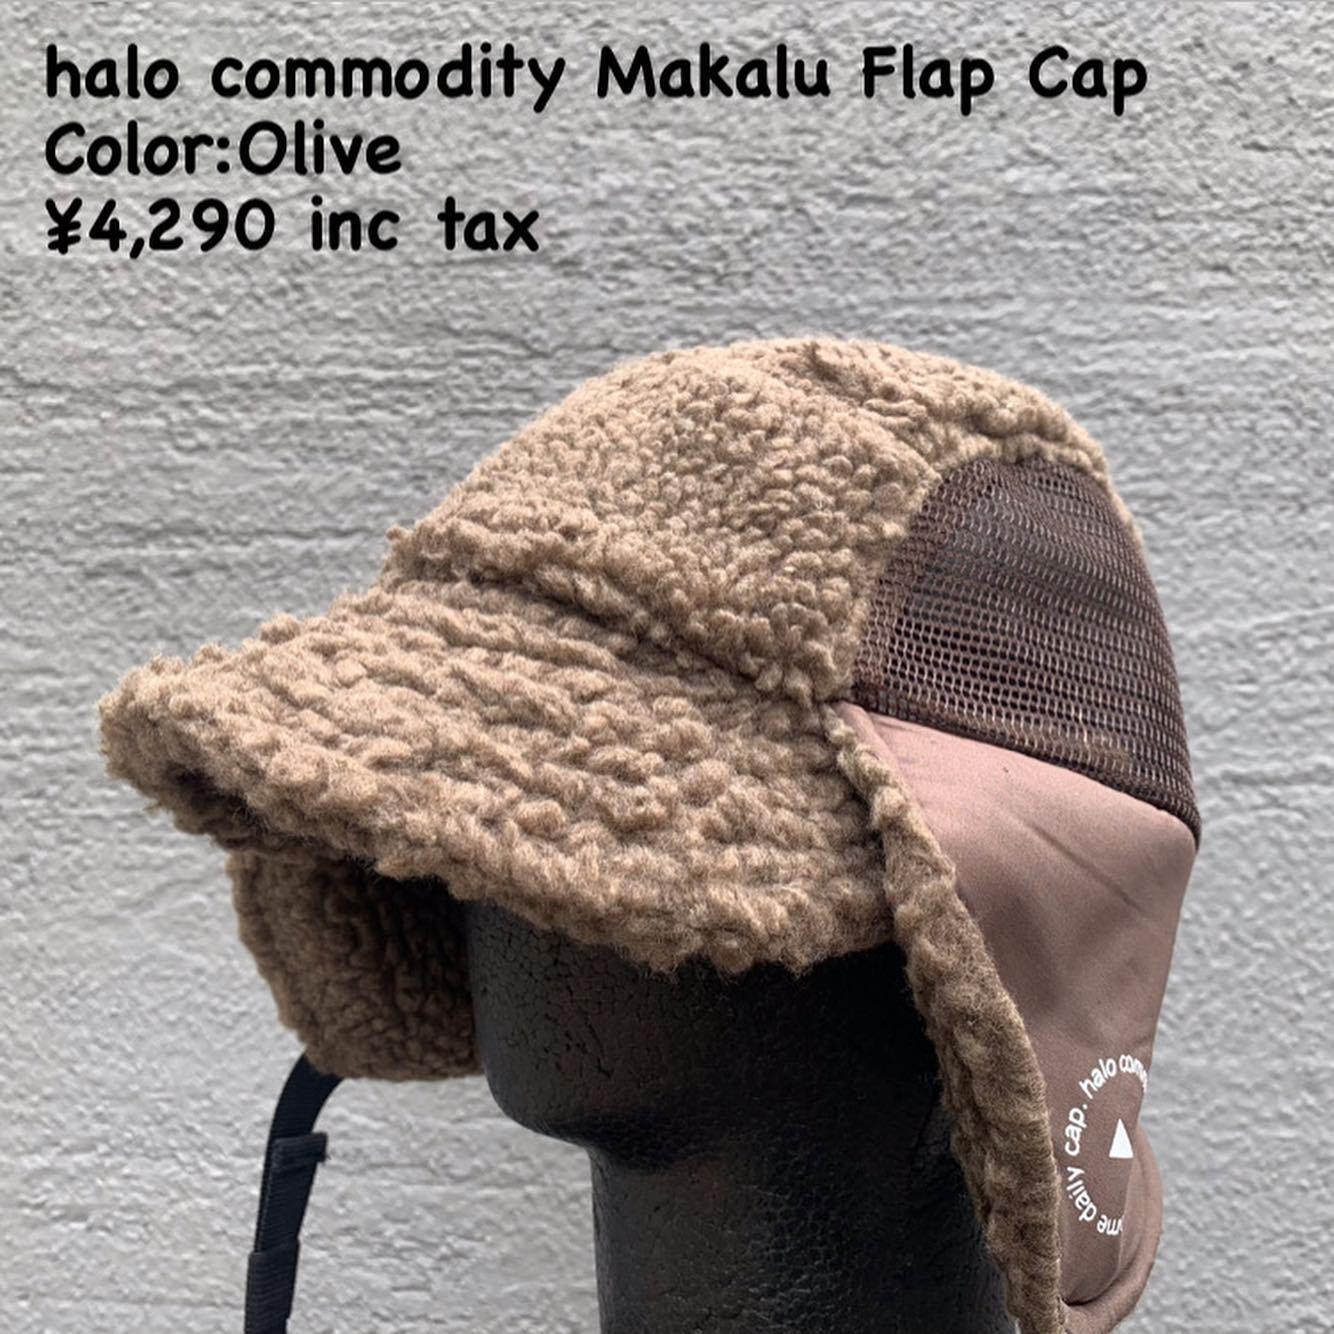 halo commodityの21FW製品『マカルー フラップ キャップ』のご紹介